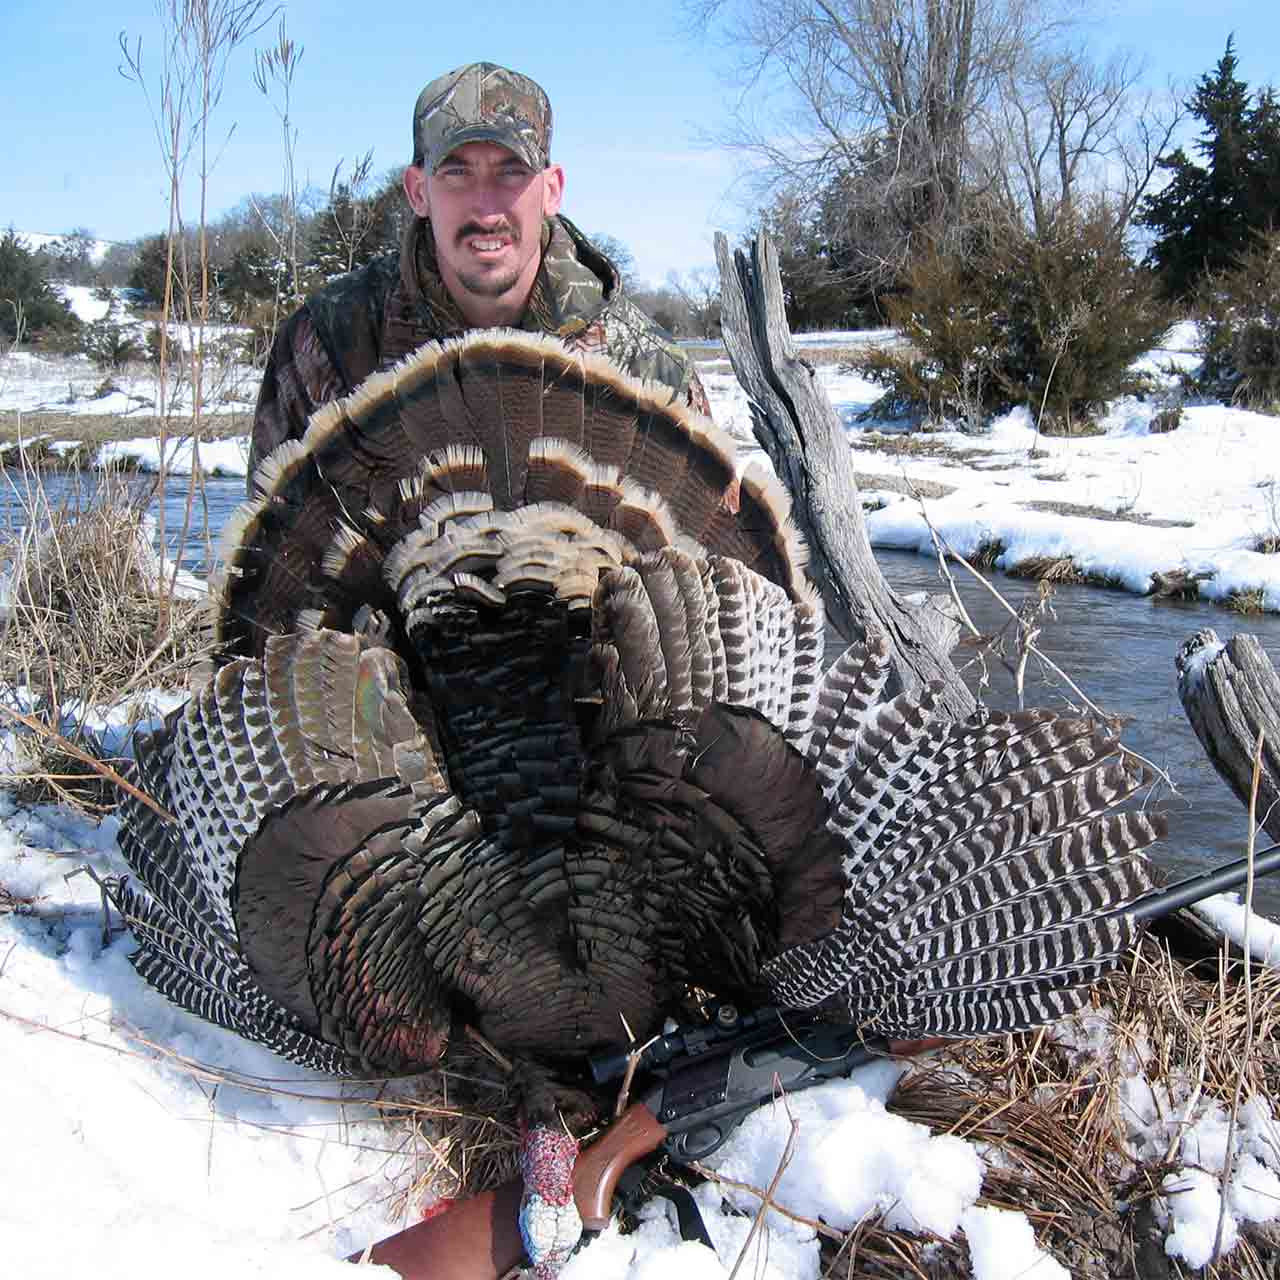 Merriam's turkey hunt